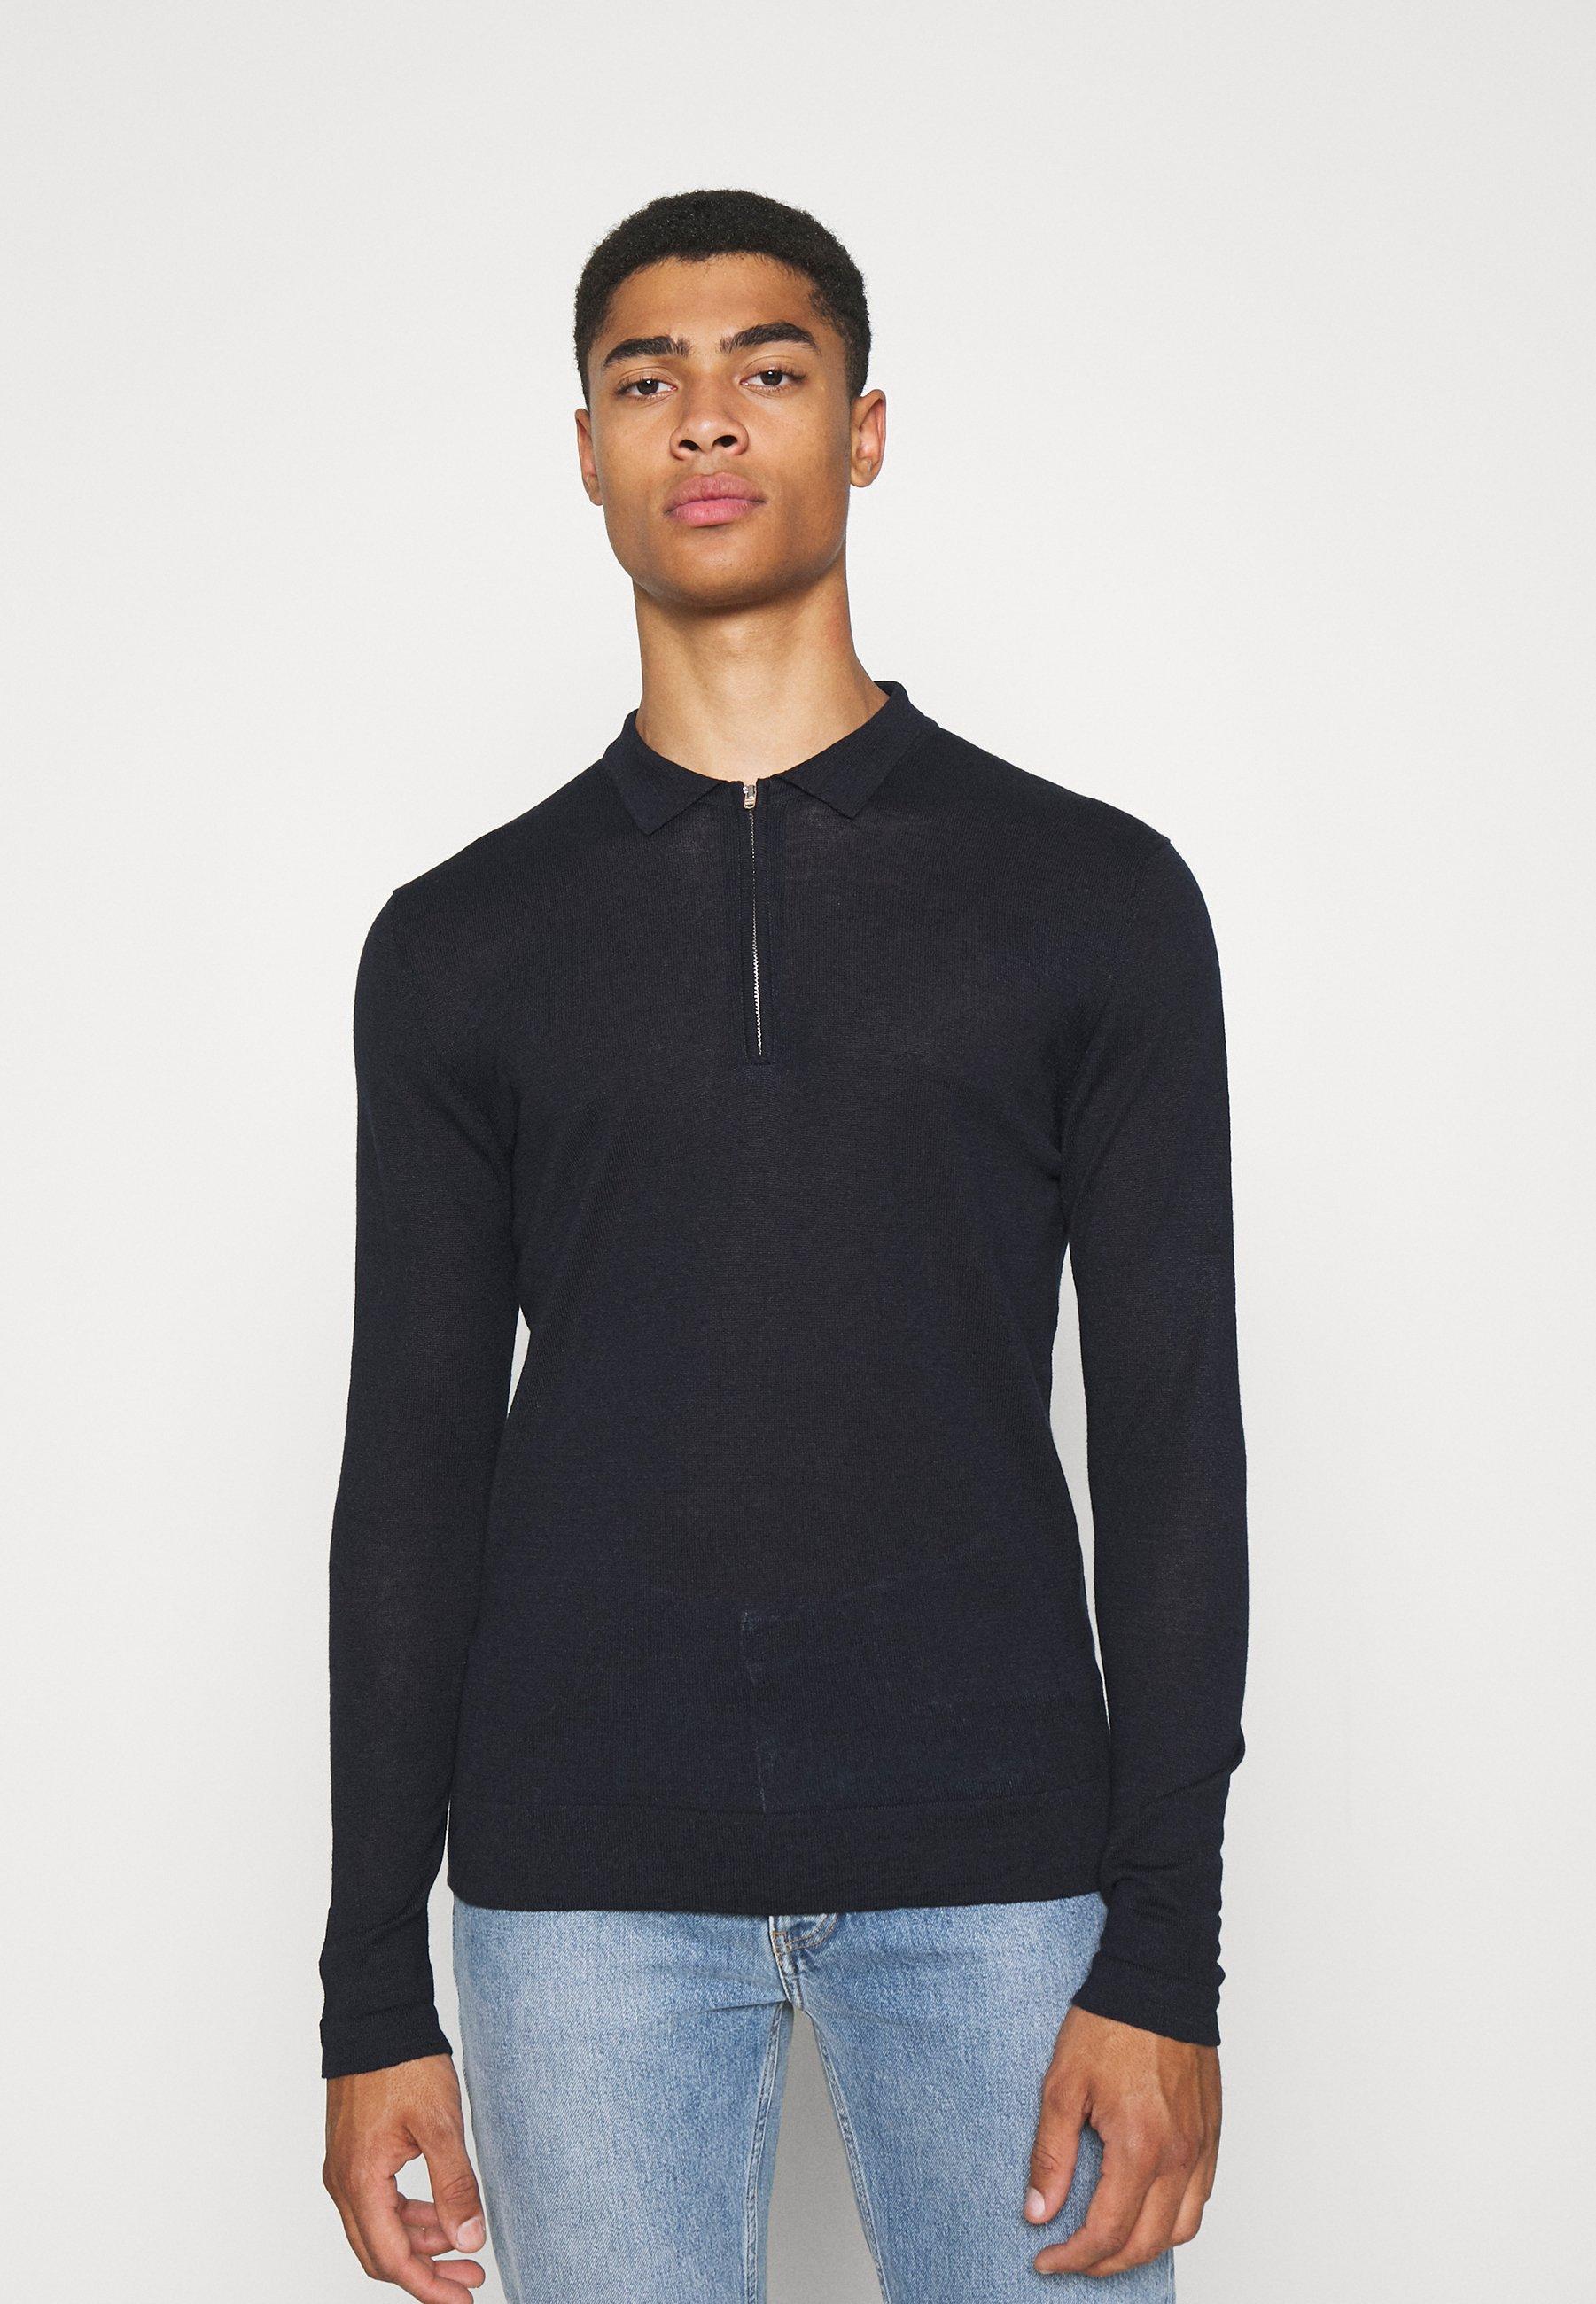 Homme NEV QUARTER ZIP - Pullover